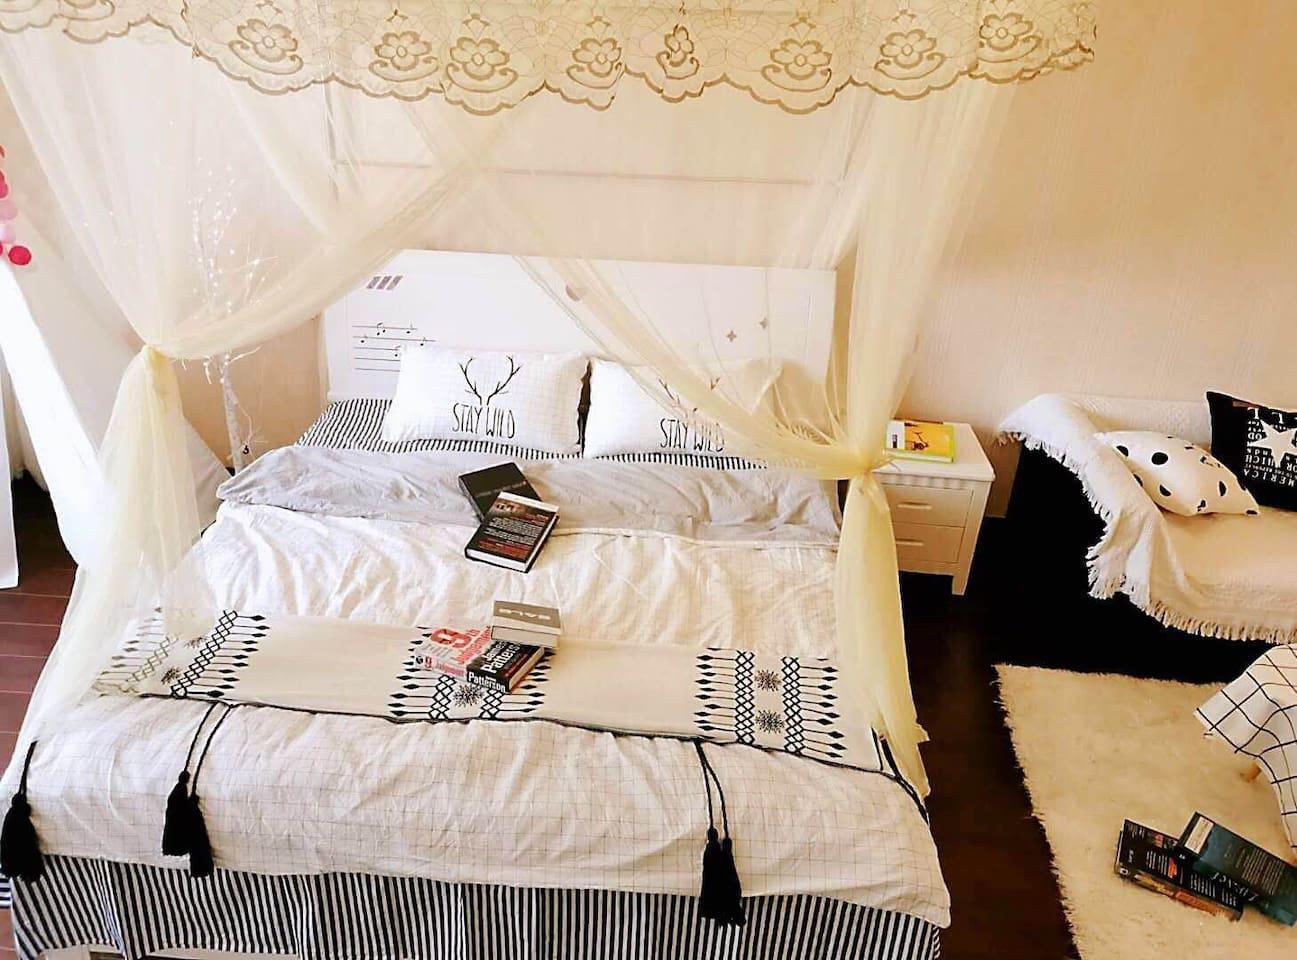 粉帘撩起,一张大而柔软的床褥整整齐齐地叠着,缨丝梦床,浅浅的粉纱遮掩得如梦境般奇幻,床旁有一室内帐篷,粉红色的灯光印在床上,就那么静静的…